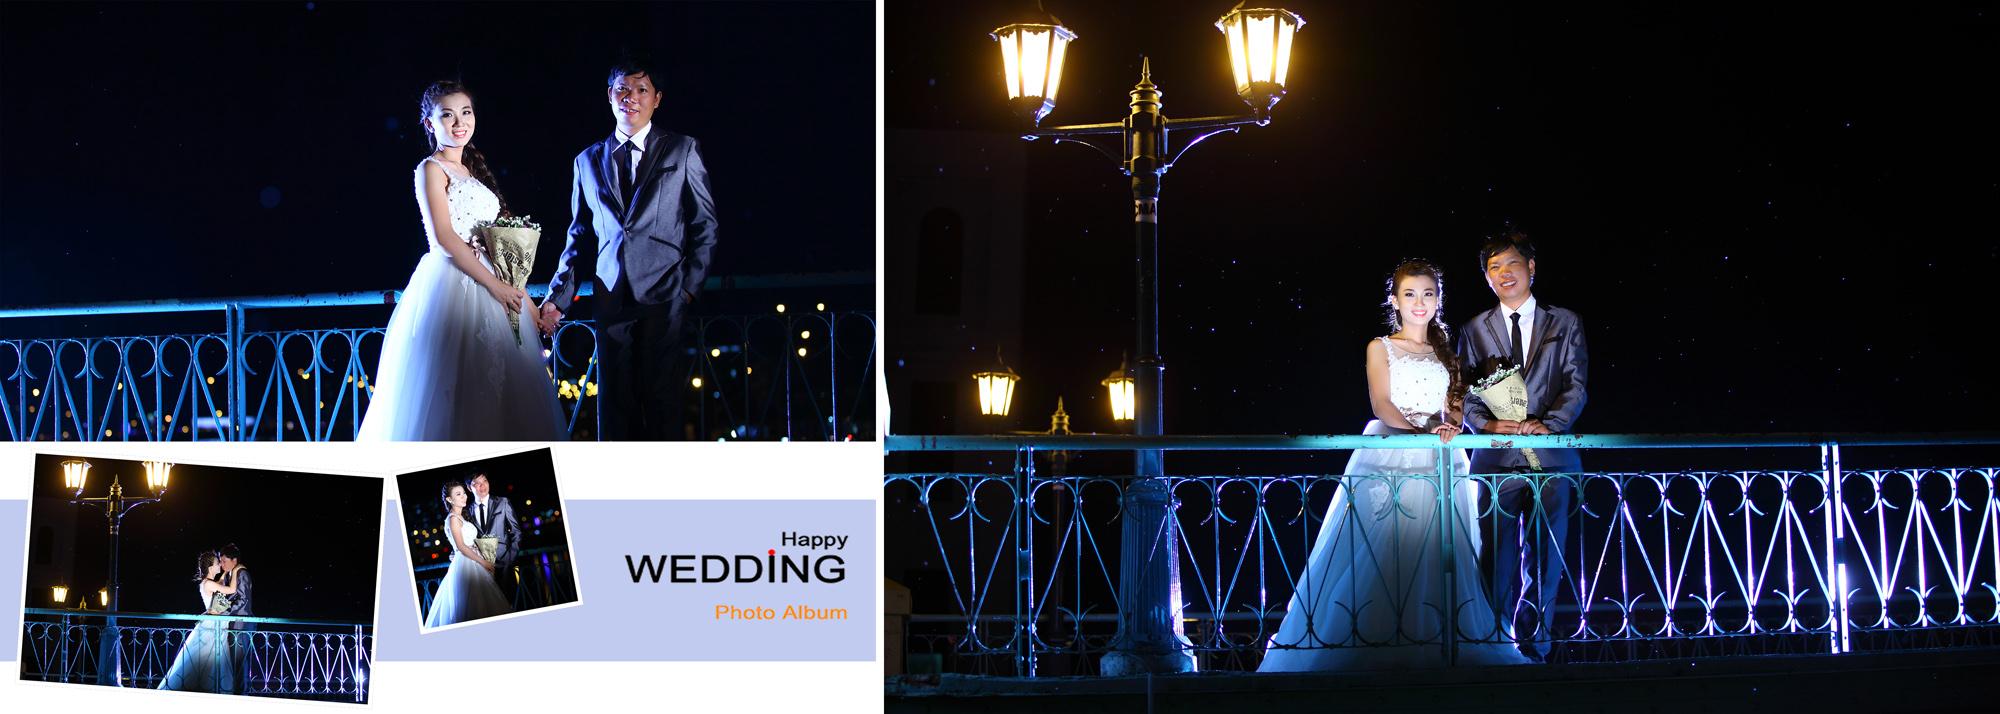 Album chụp hình cưới Trung và Diễm 13